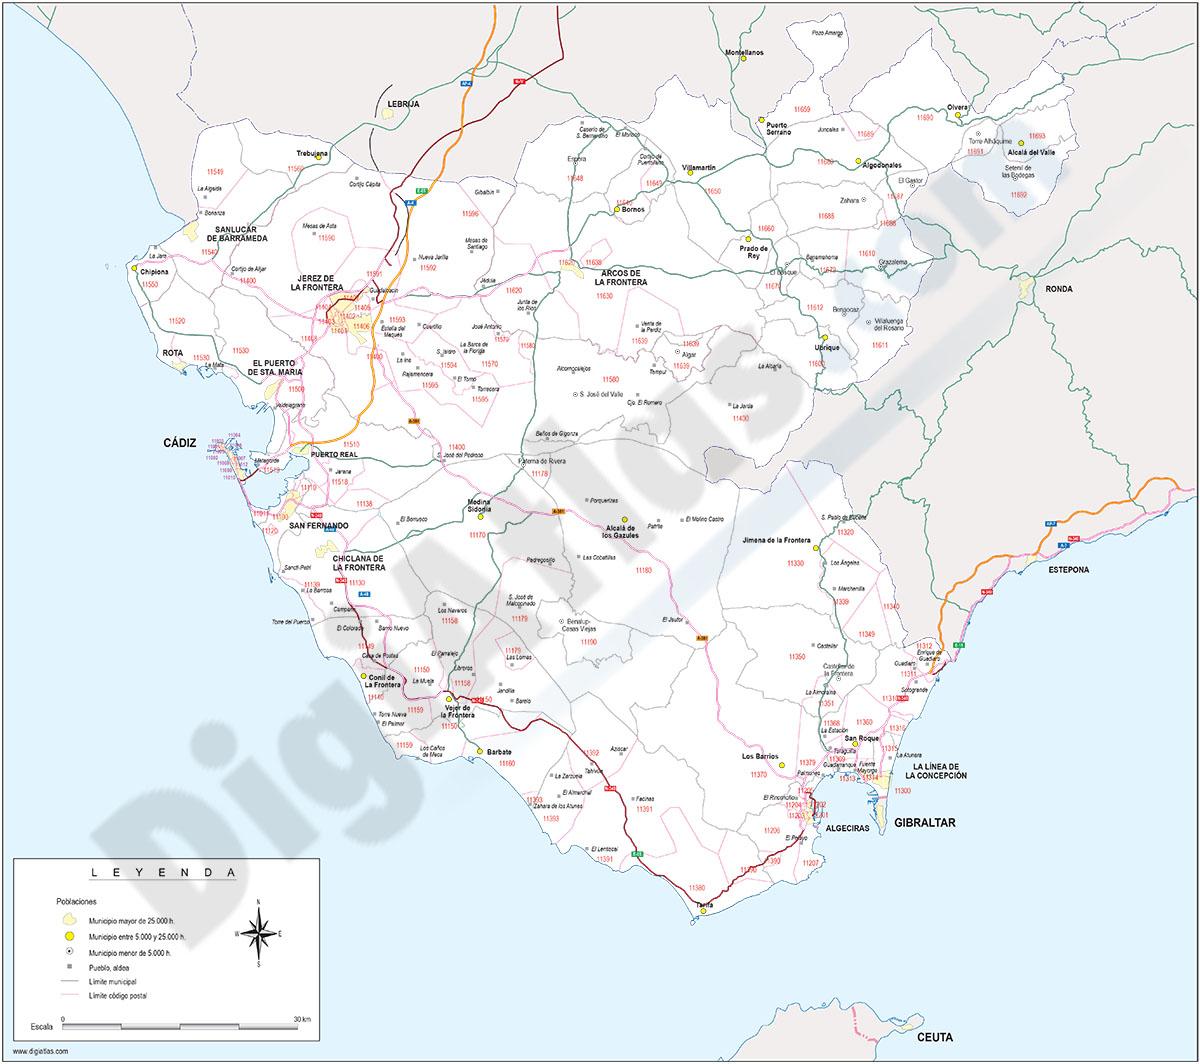 Cádiz - mapa provincial con municipios, Códigos Postales y carreteras